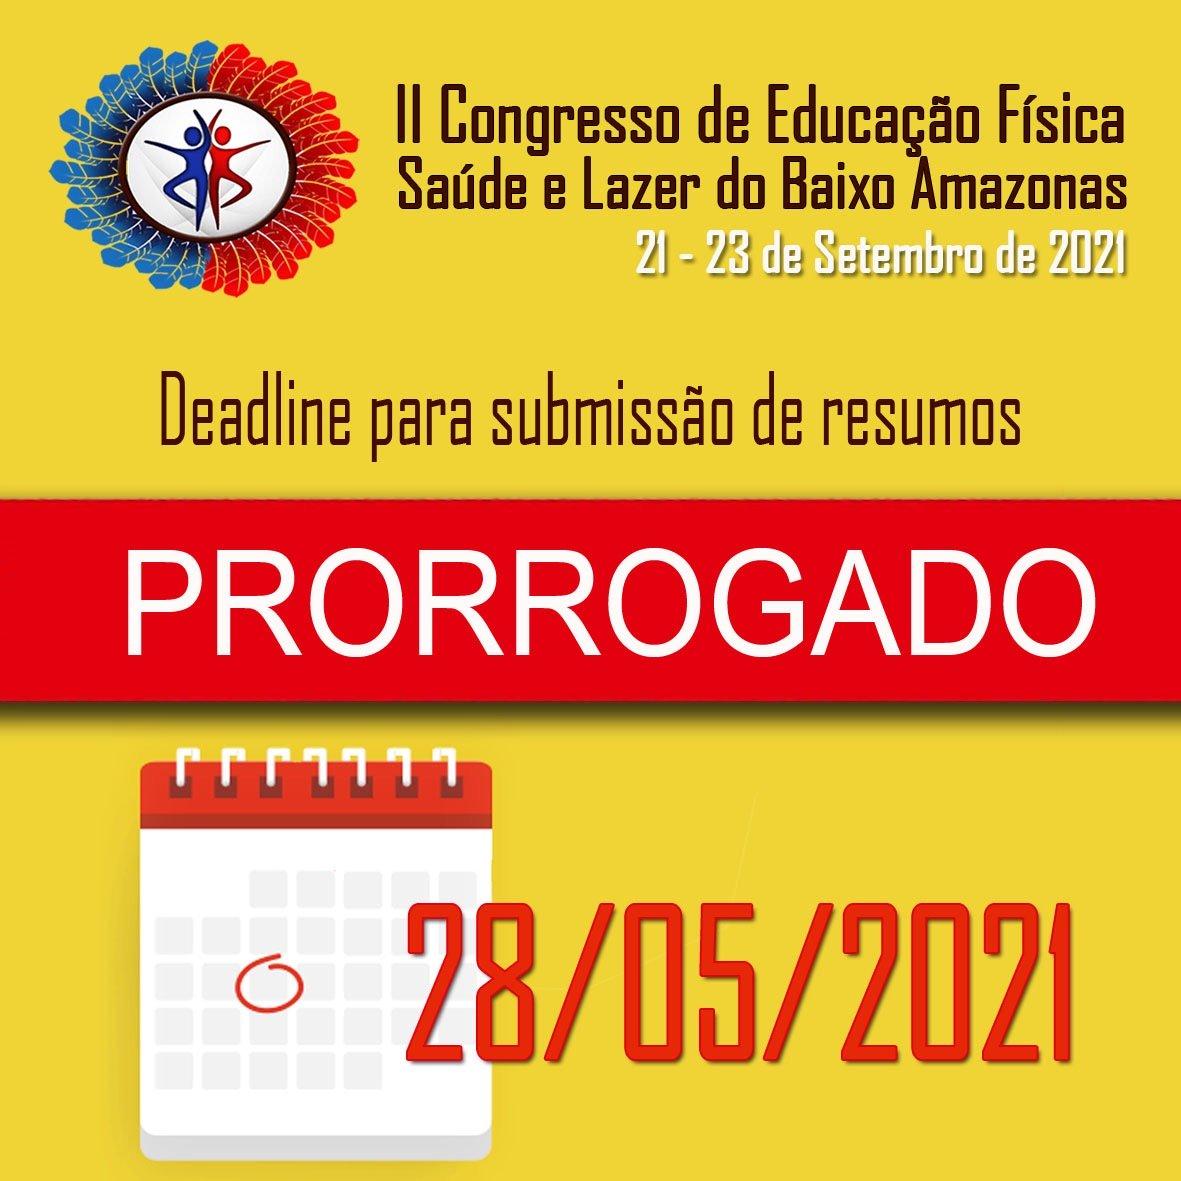 II Congresso de Educação Física, Saúde e Lazer do Baixo Amazonas